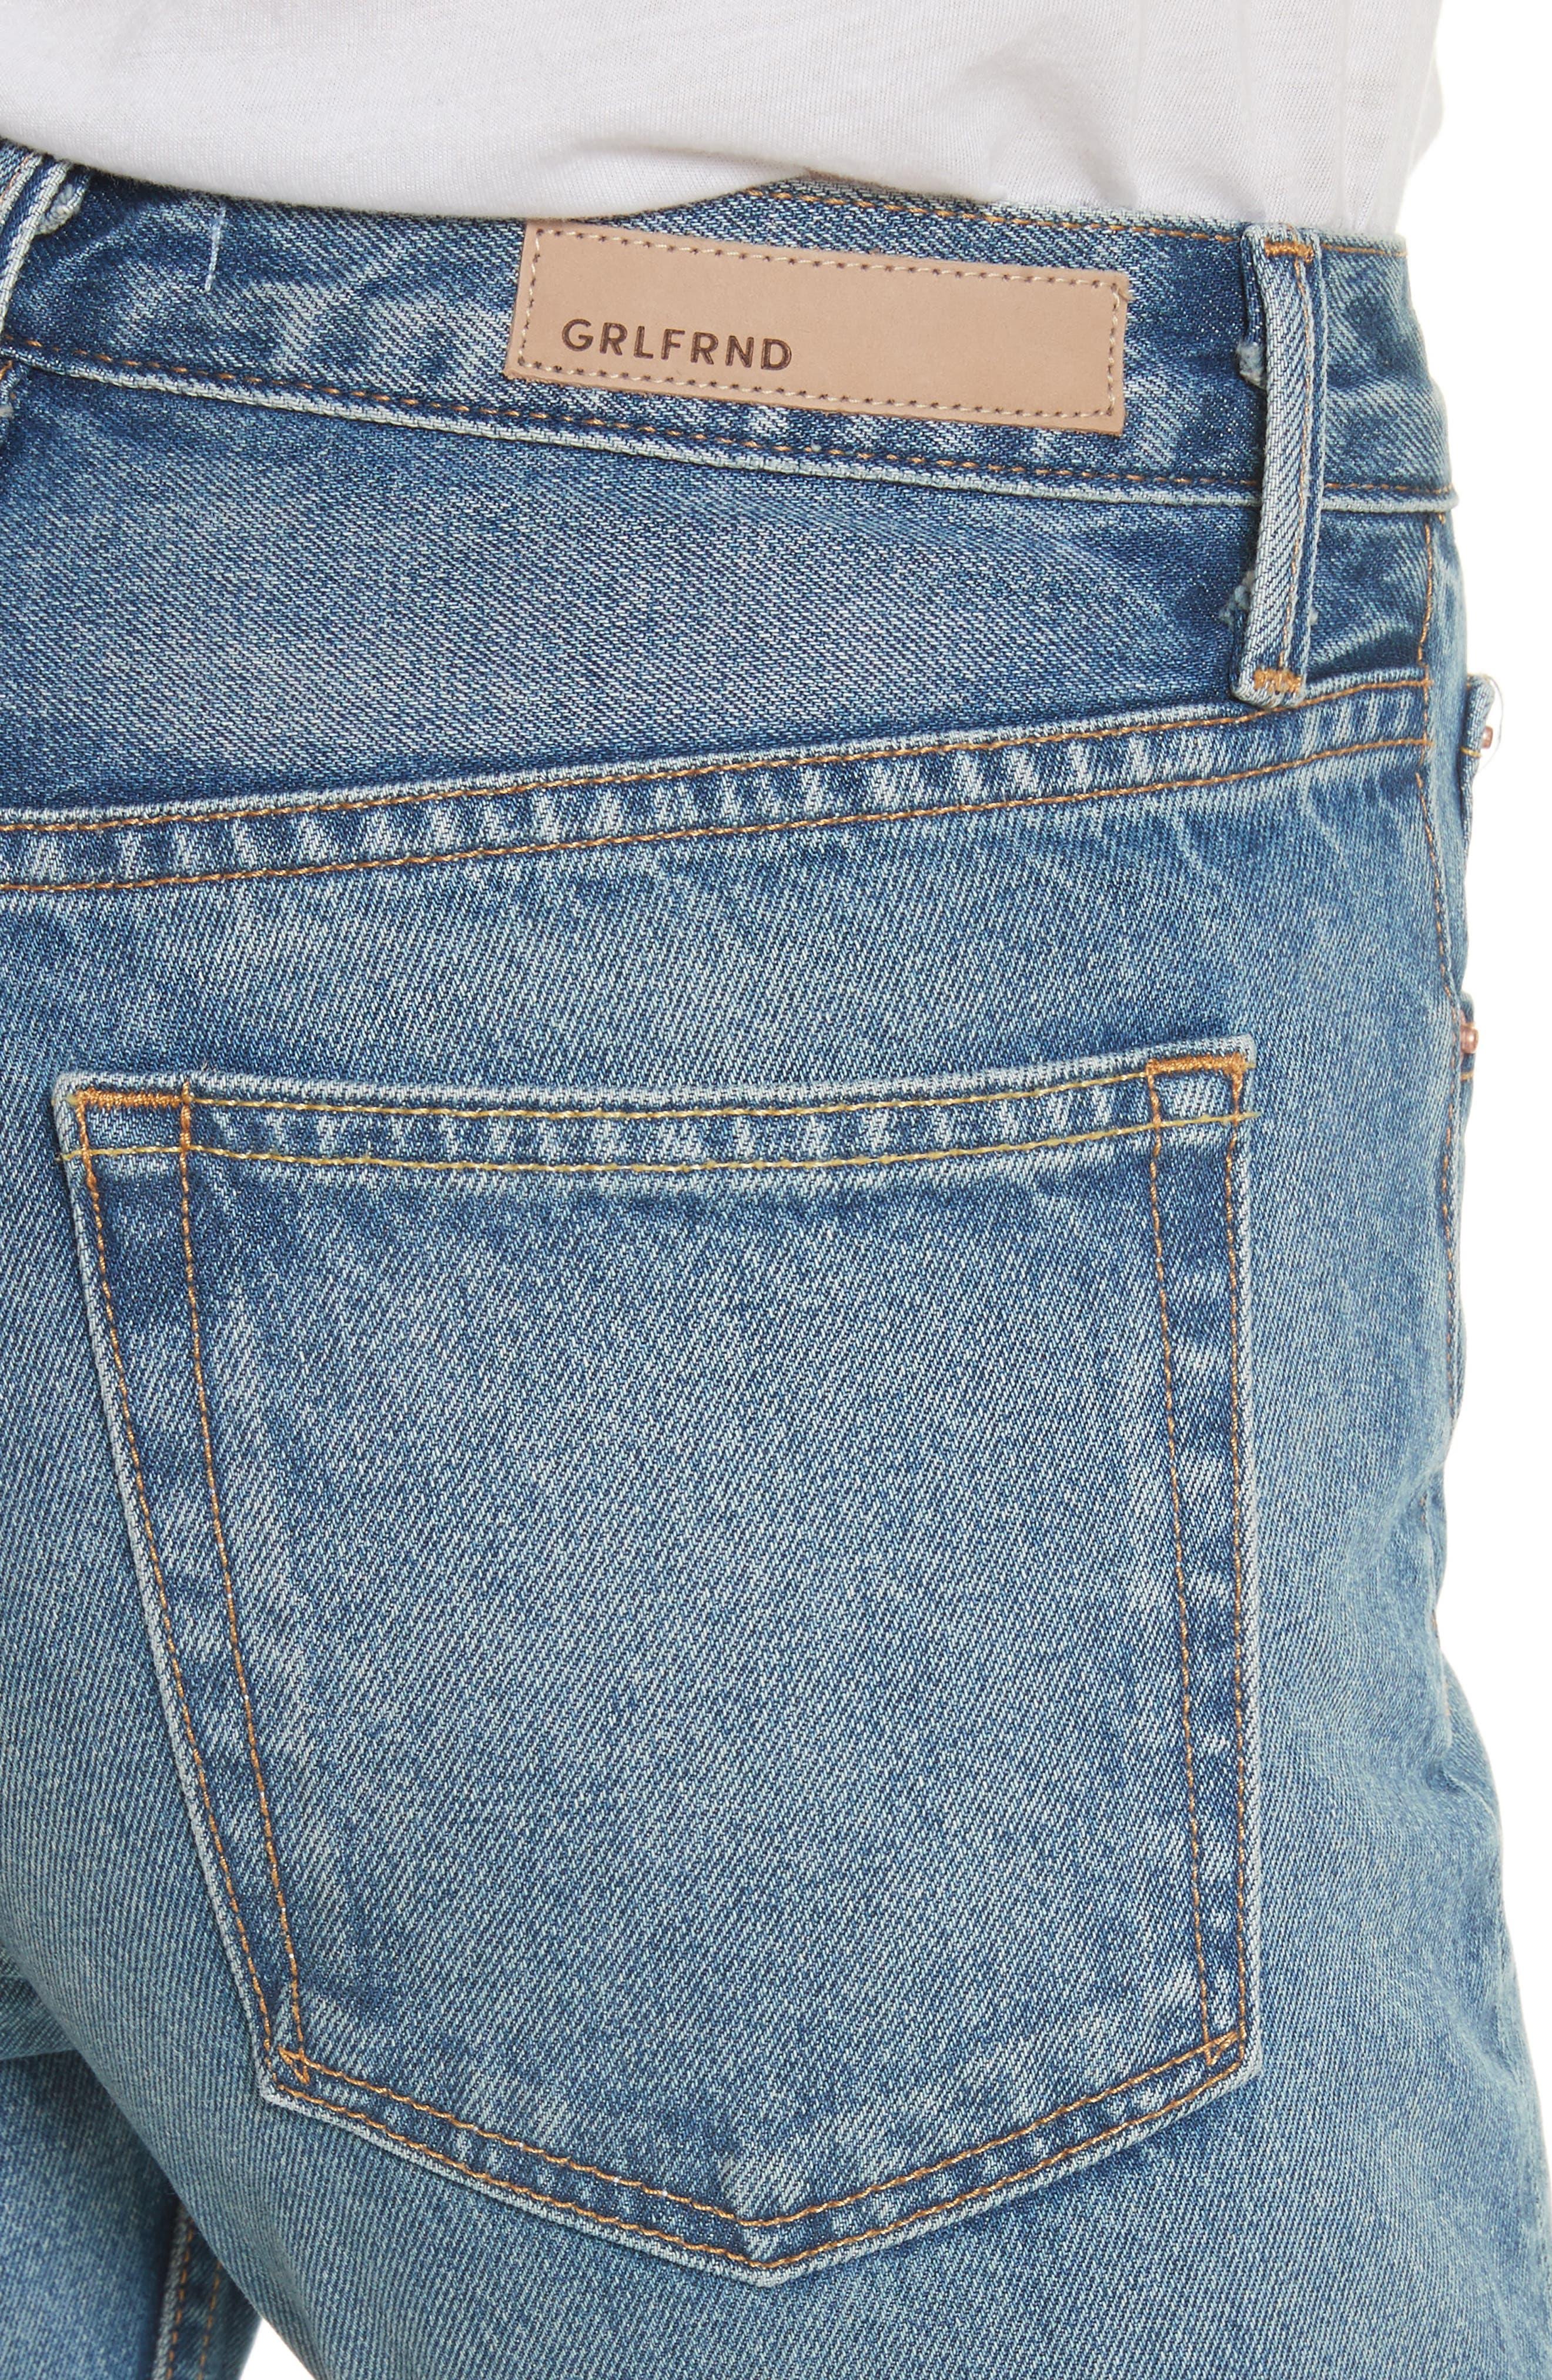 Alternate Image 5  - GRLFRND Karolina Faux Pearl & Crystal Embellished Rigid High Waist Skinny Jeans (Morning Star)